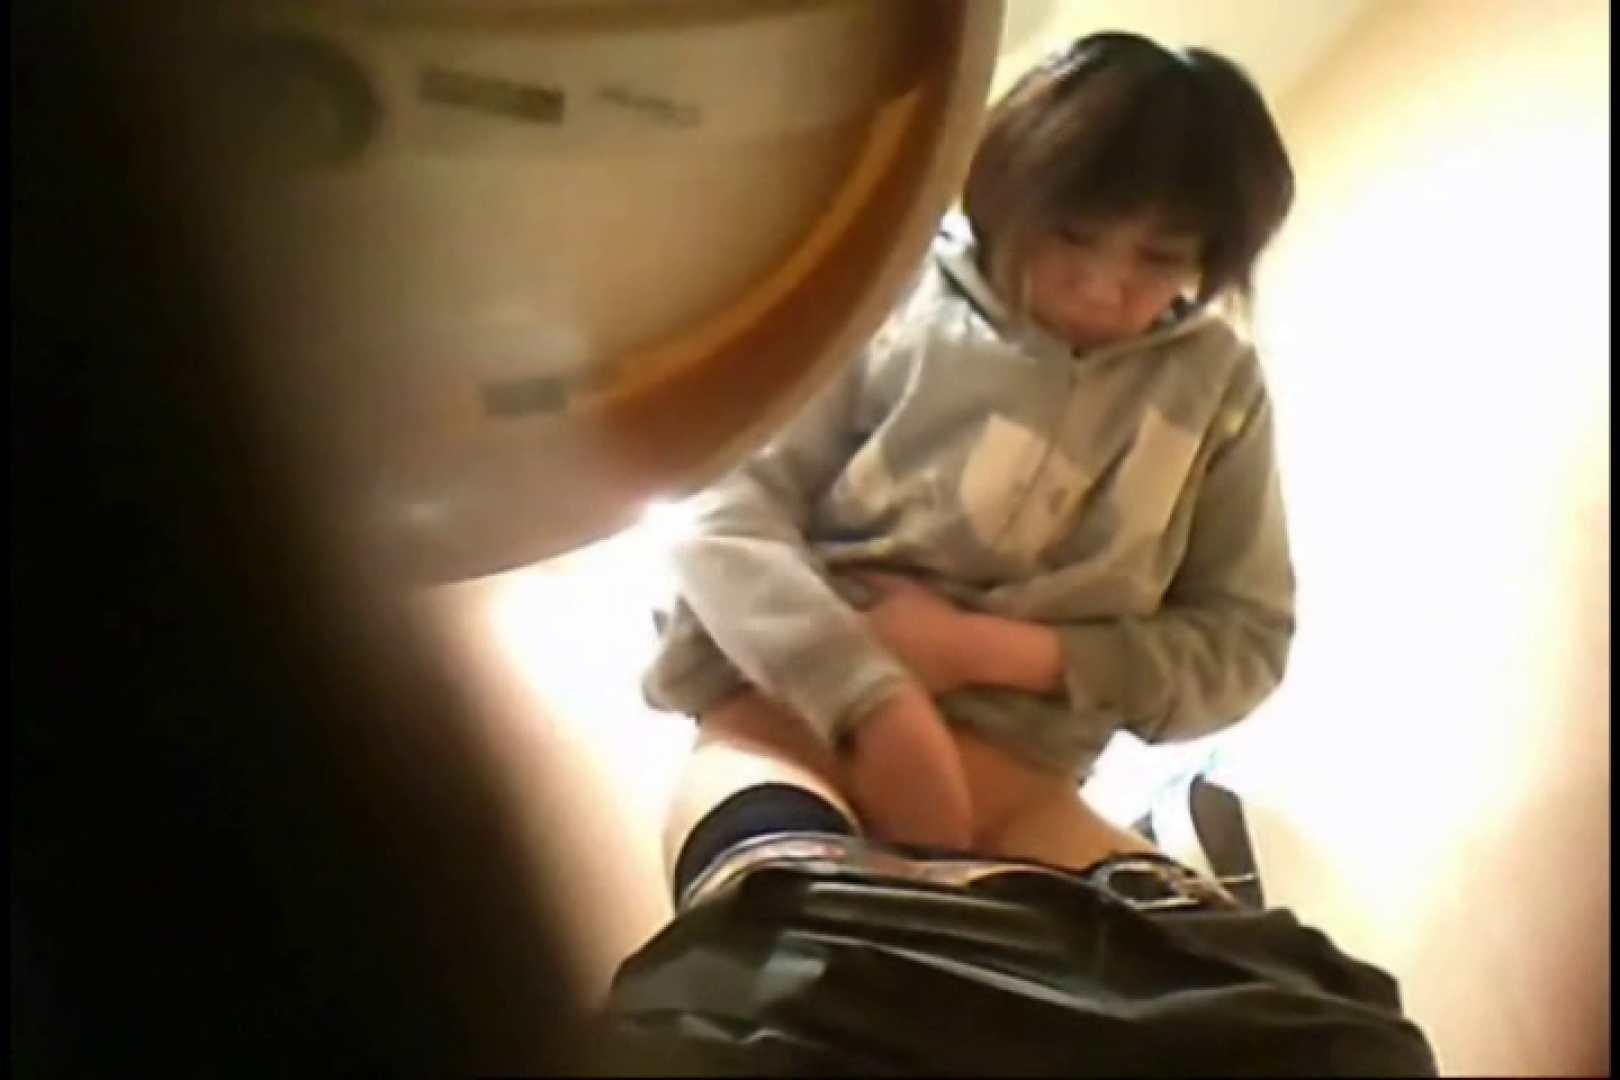 画質向上!新亀さん厠 vol.13 厠・・・ 盗み撮り動画 111PIX 108